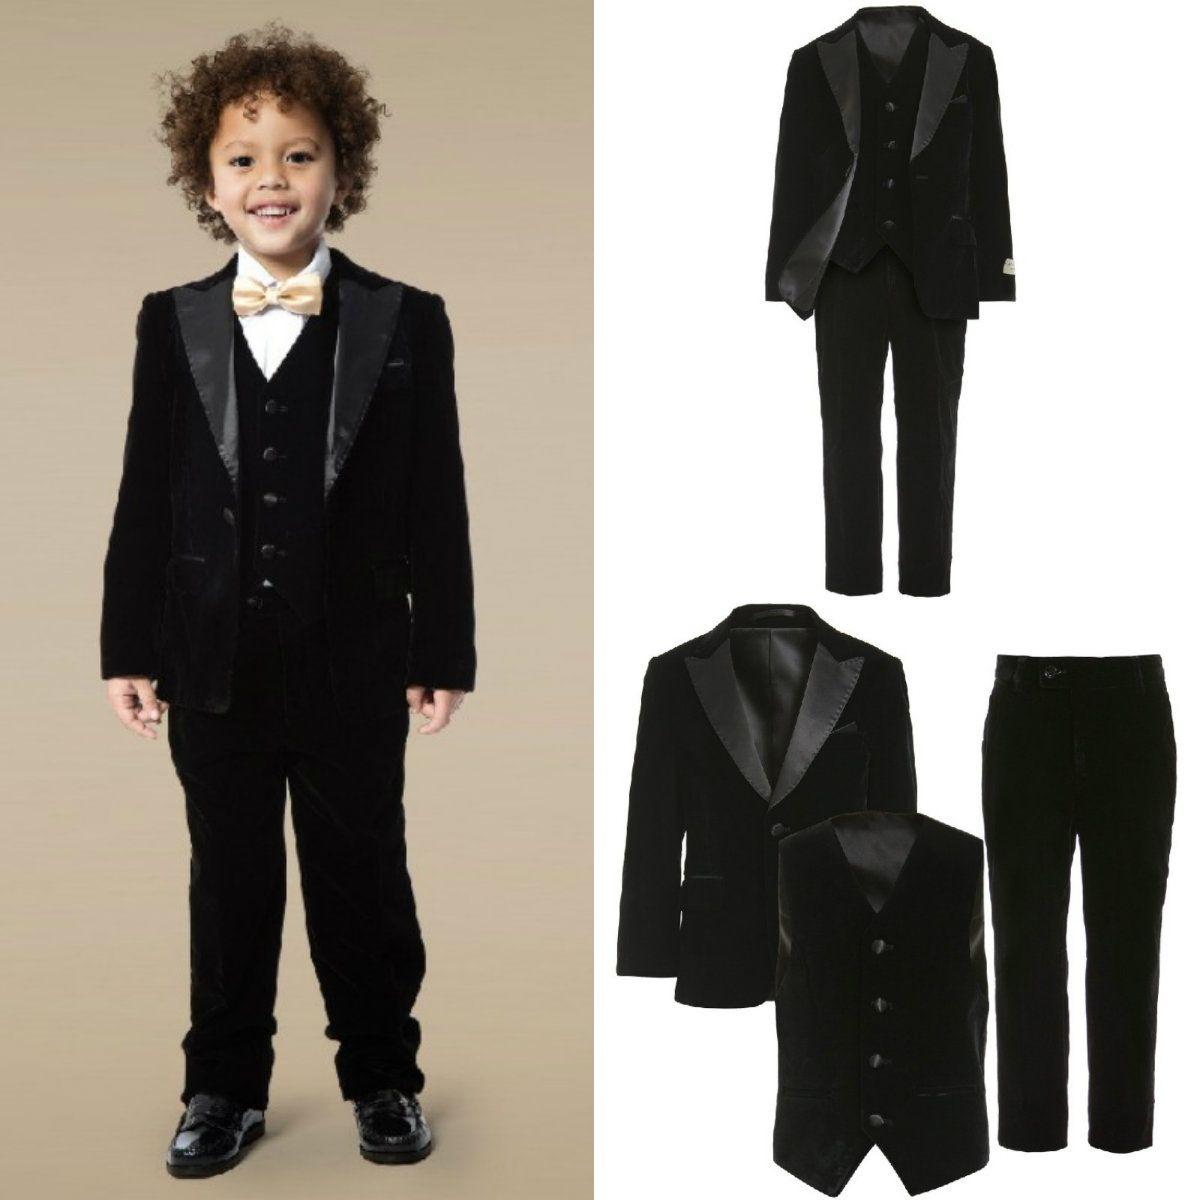 3 Parça Gençler Smokin Custom Made Boys Parti Resmi Pantolon Takım Elbise Takımları Düğün Damat Smokin Boys Için (Ceket + Pantolon + Yelek + Papyon)